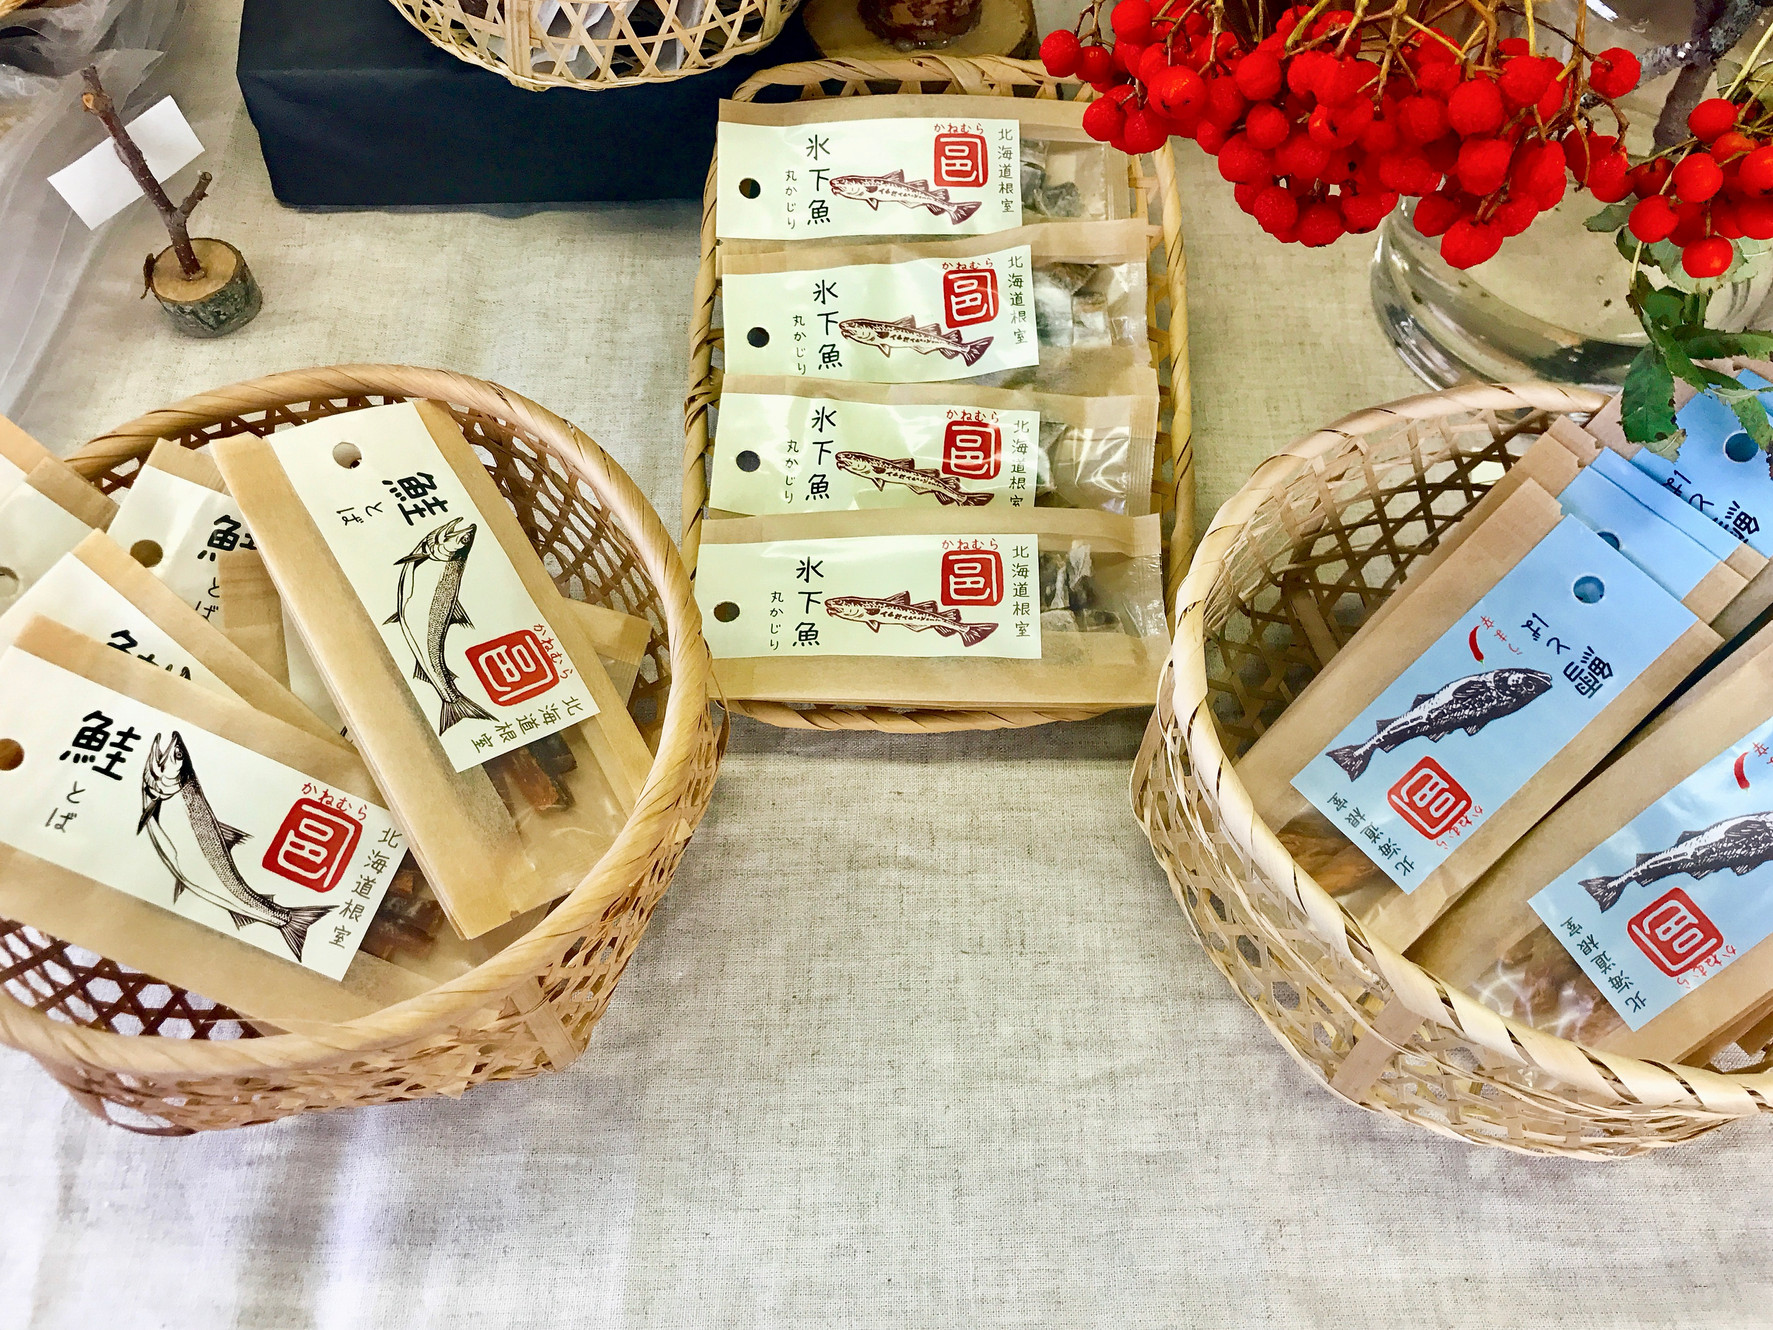 北海道根室から美味しいお魚をお届けしてます    かねむら村上商店快挙!